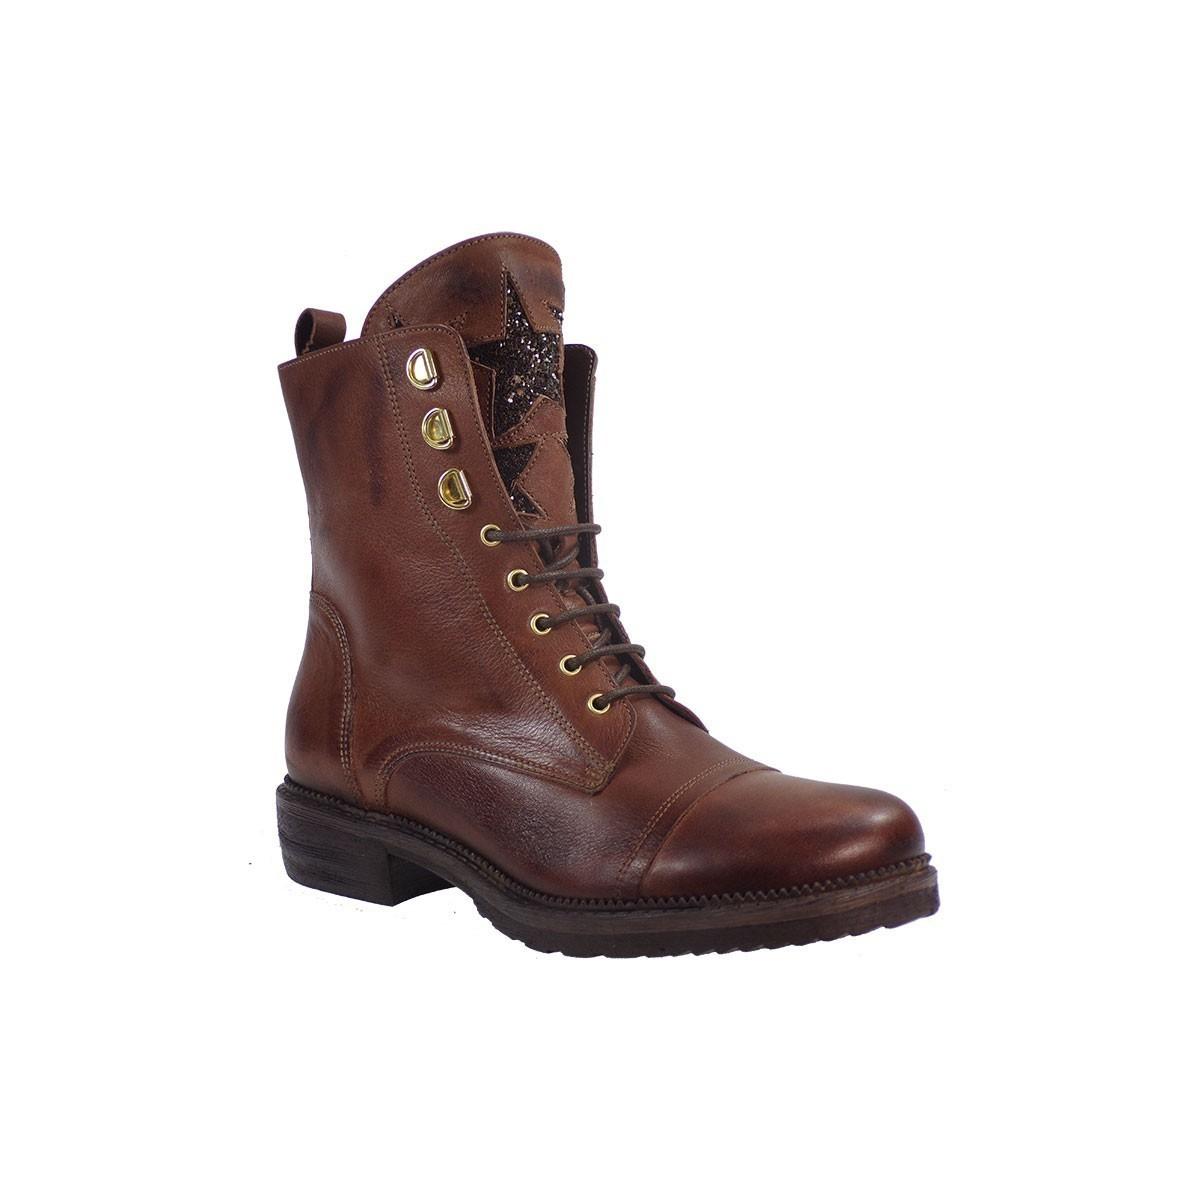 Fardoulis Shoes Γυναικεία Παπούτσια Αρβυλάκια 0223 Tαμπά Δέρμα ... 1fab0f8745e